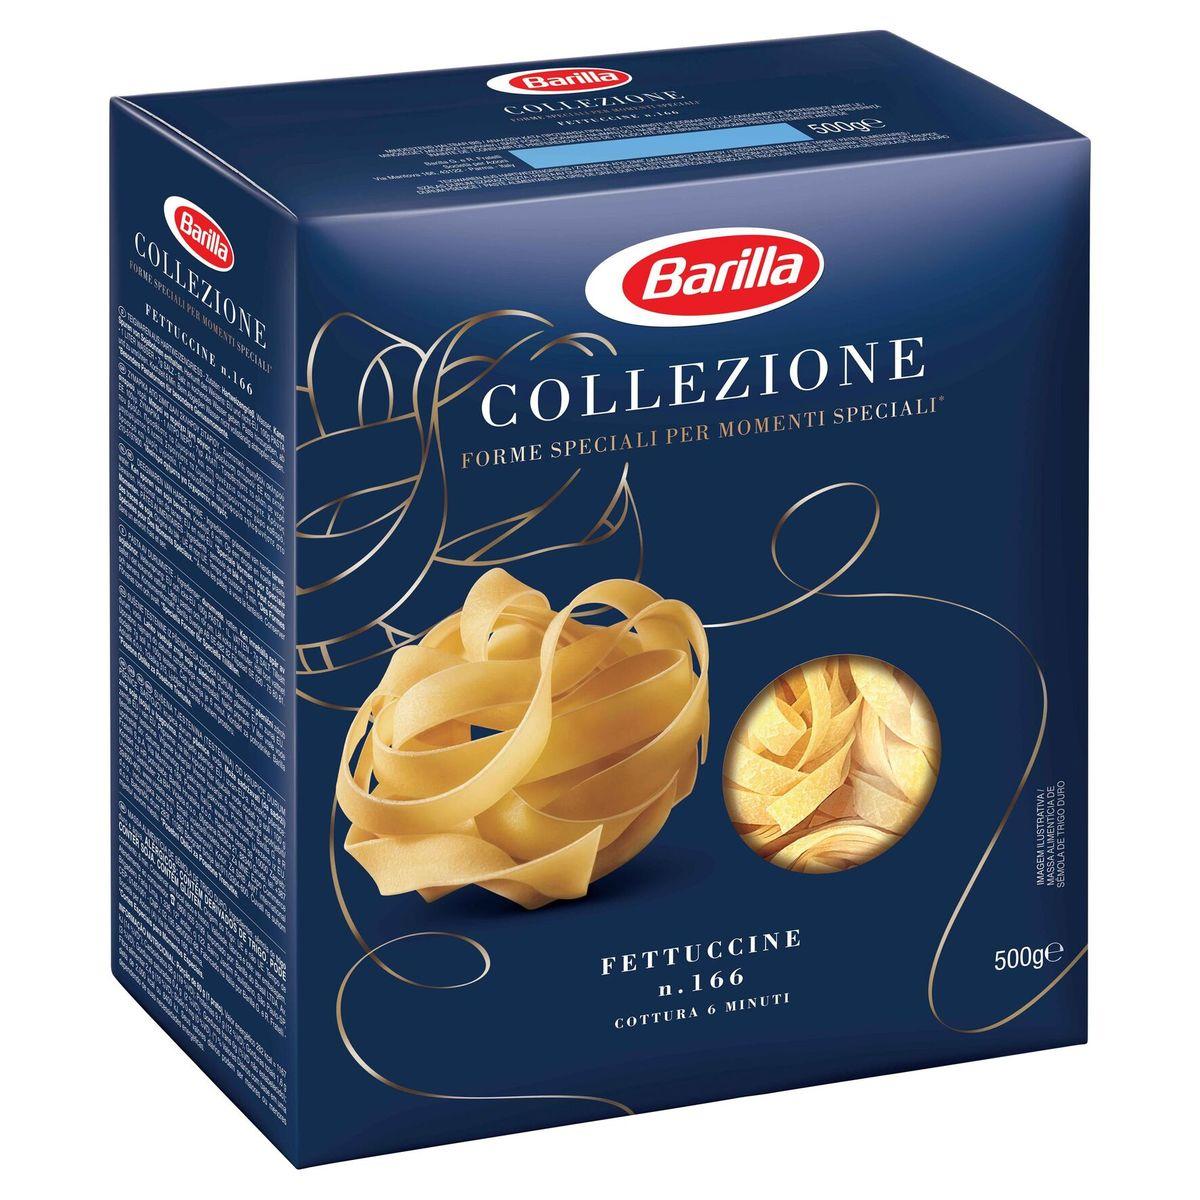 Barilla Pasta Collezione Fettuccine 500 g